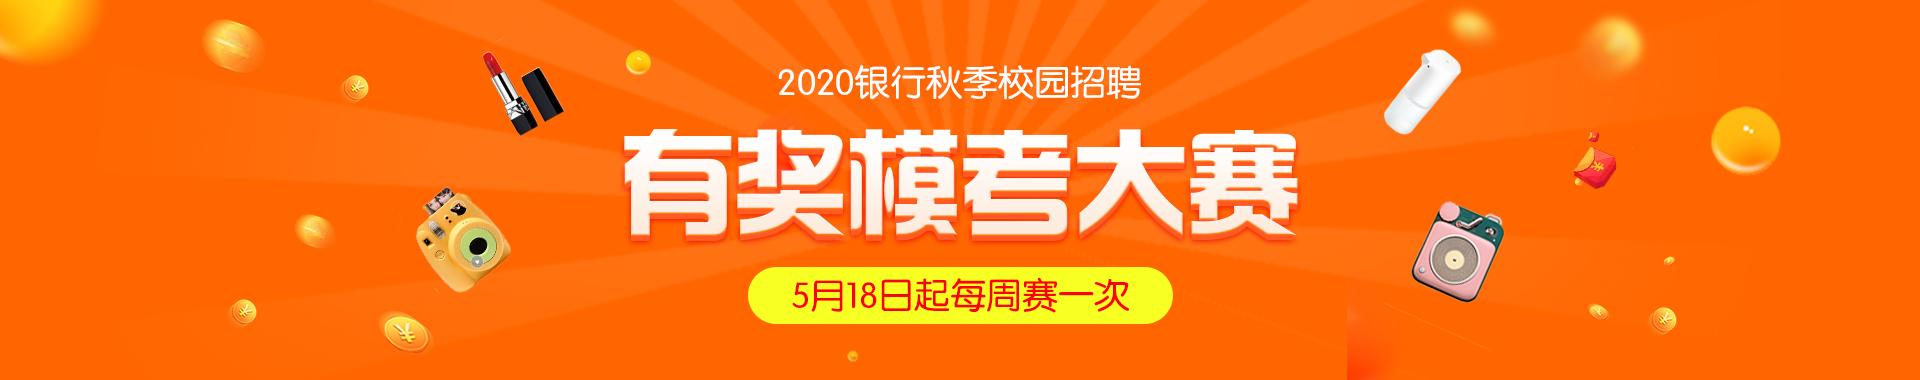 2020年银行备考大礼包